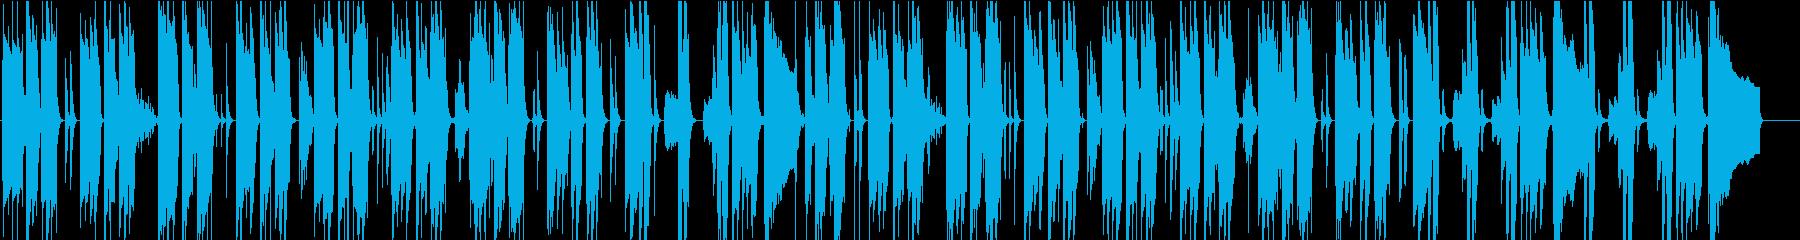 コミカルでほのぼのした日常 会話シーンの再生済みの波形